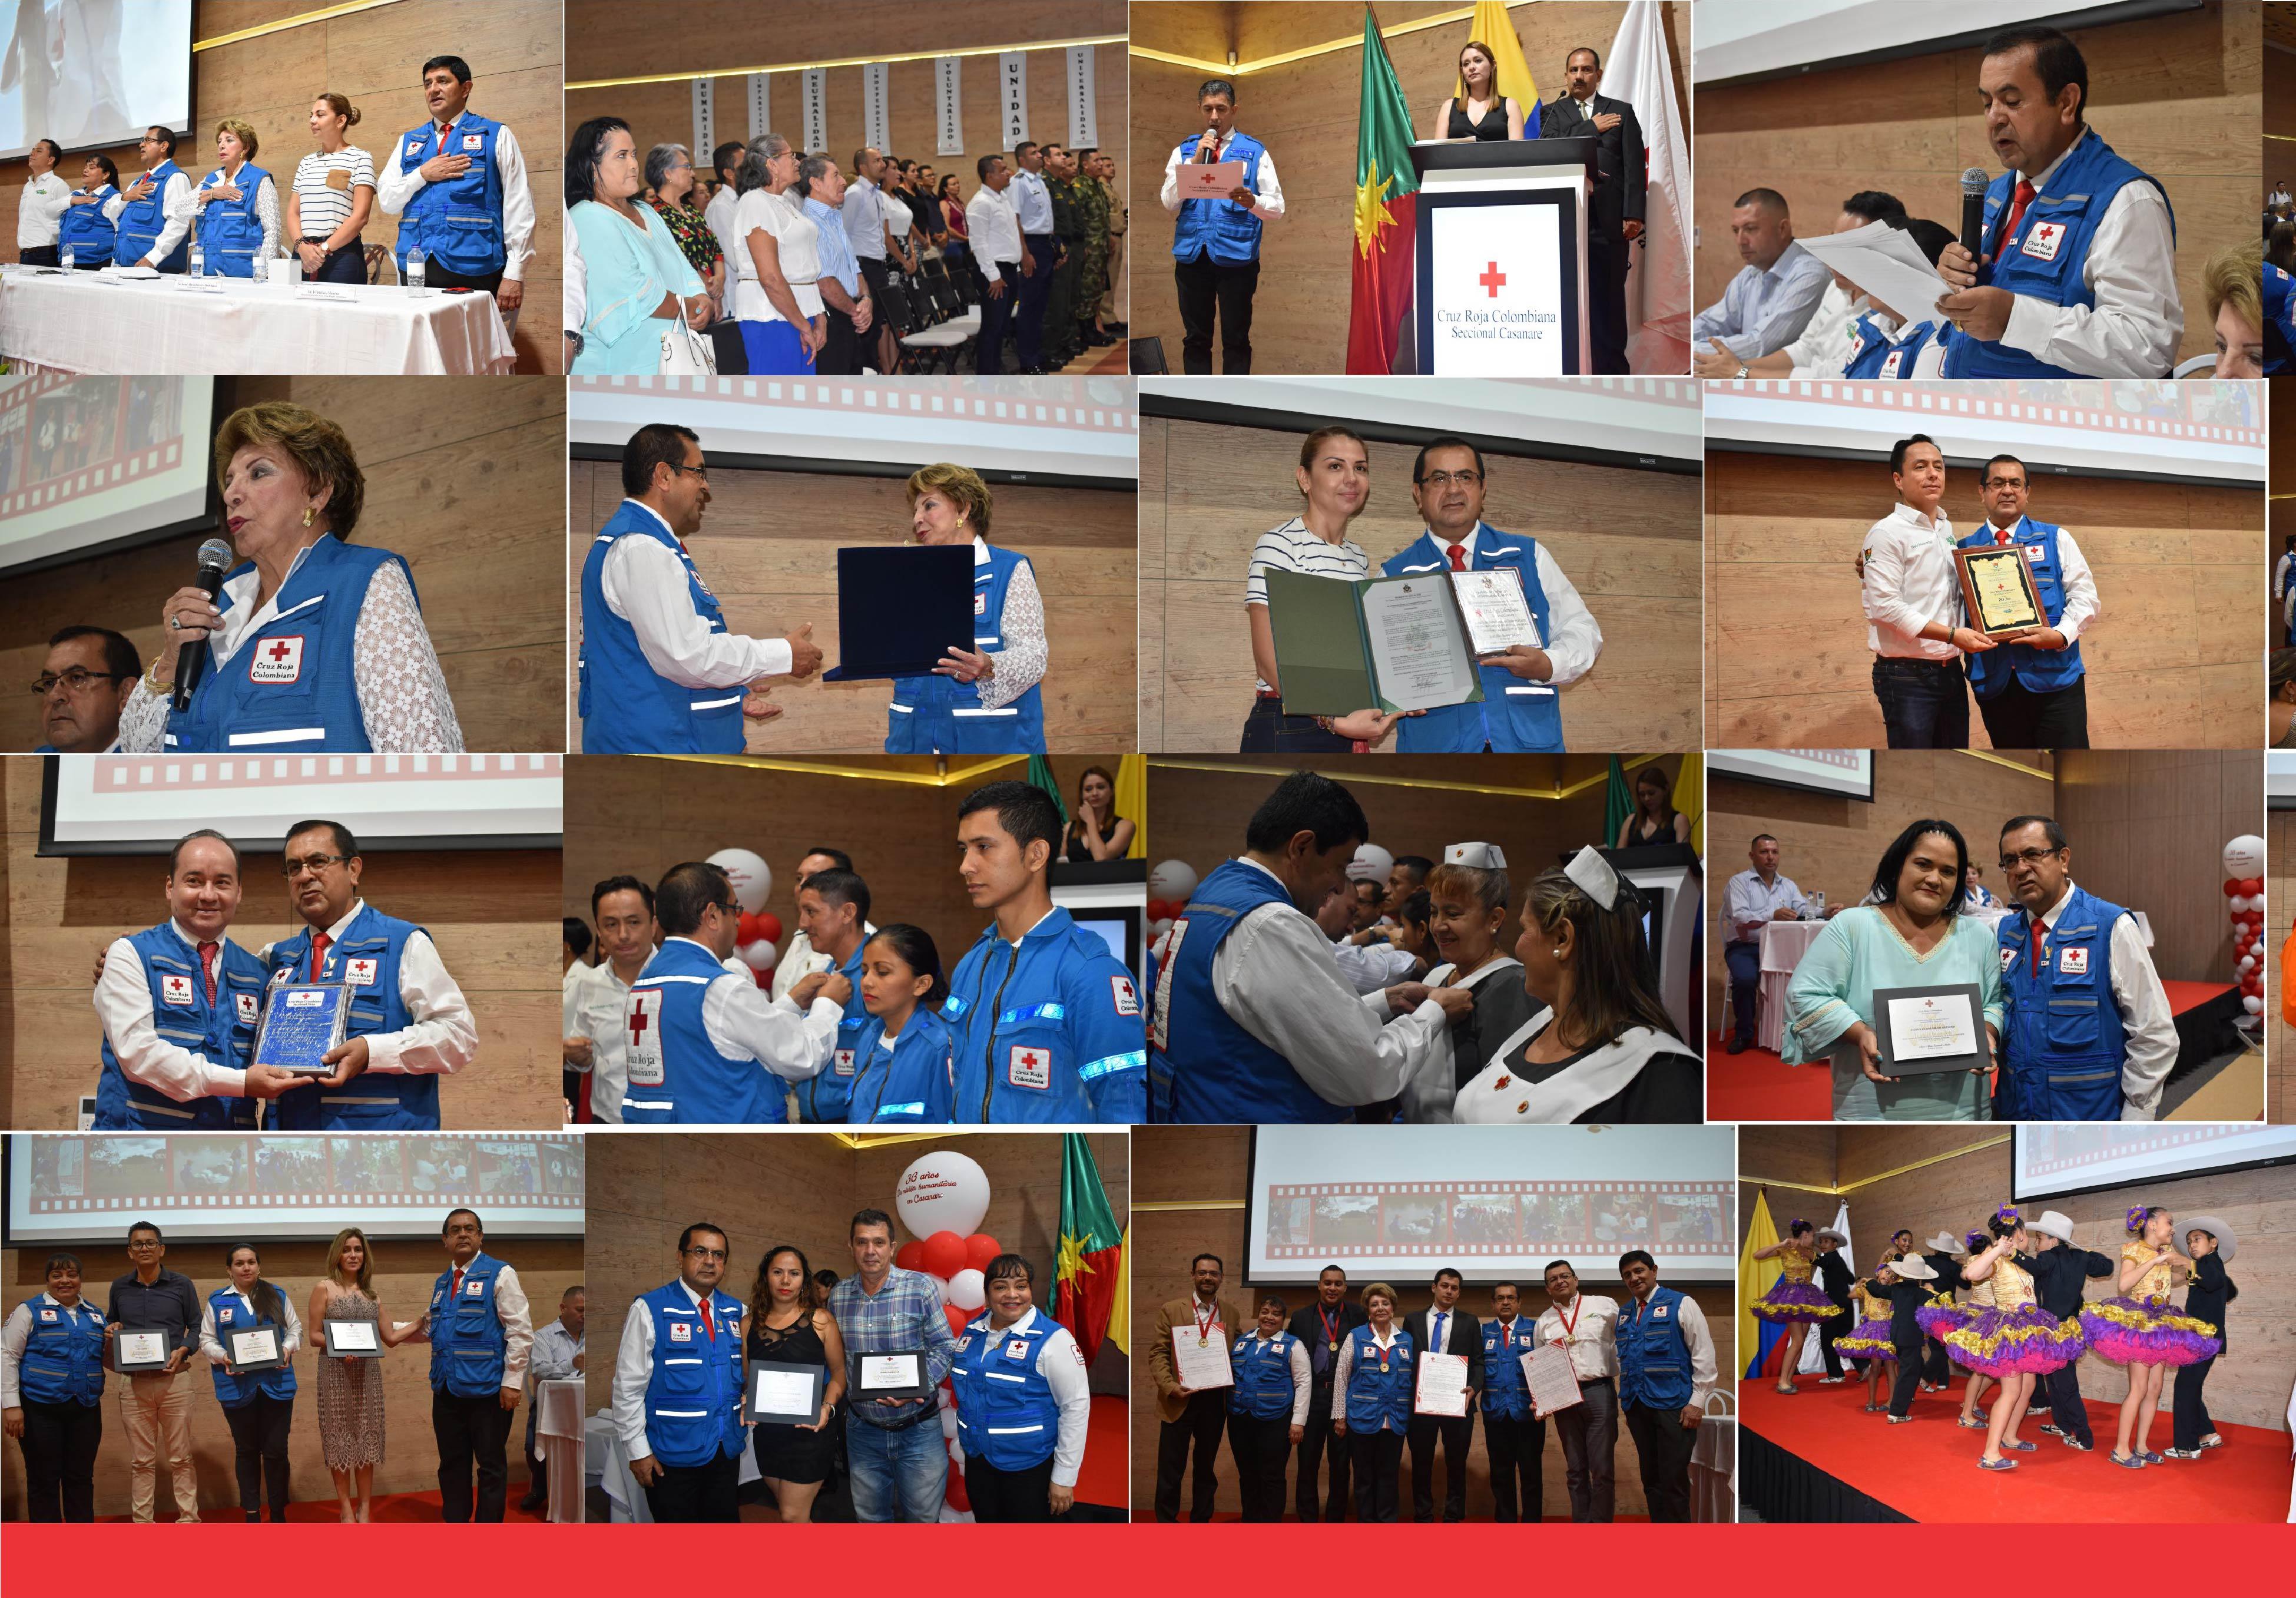 Así fue la celebración de los 30 años de la Cruz Roja  en Casanare.